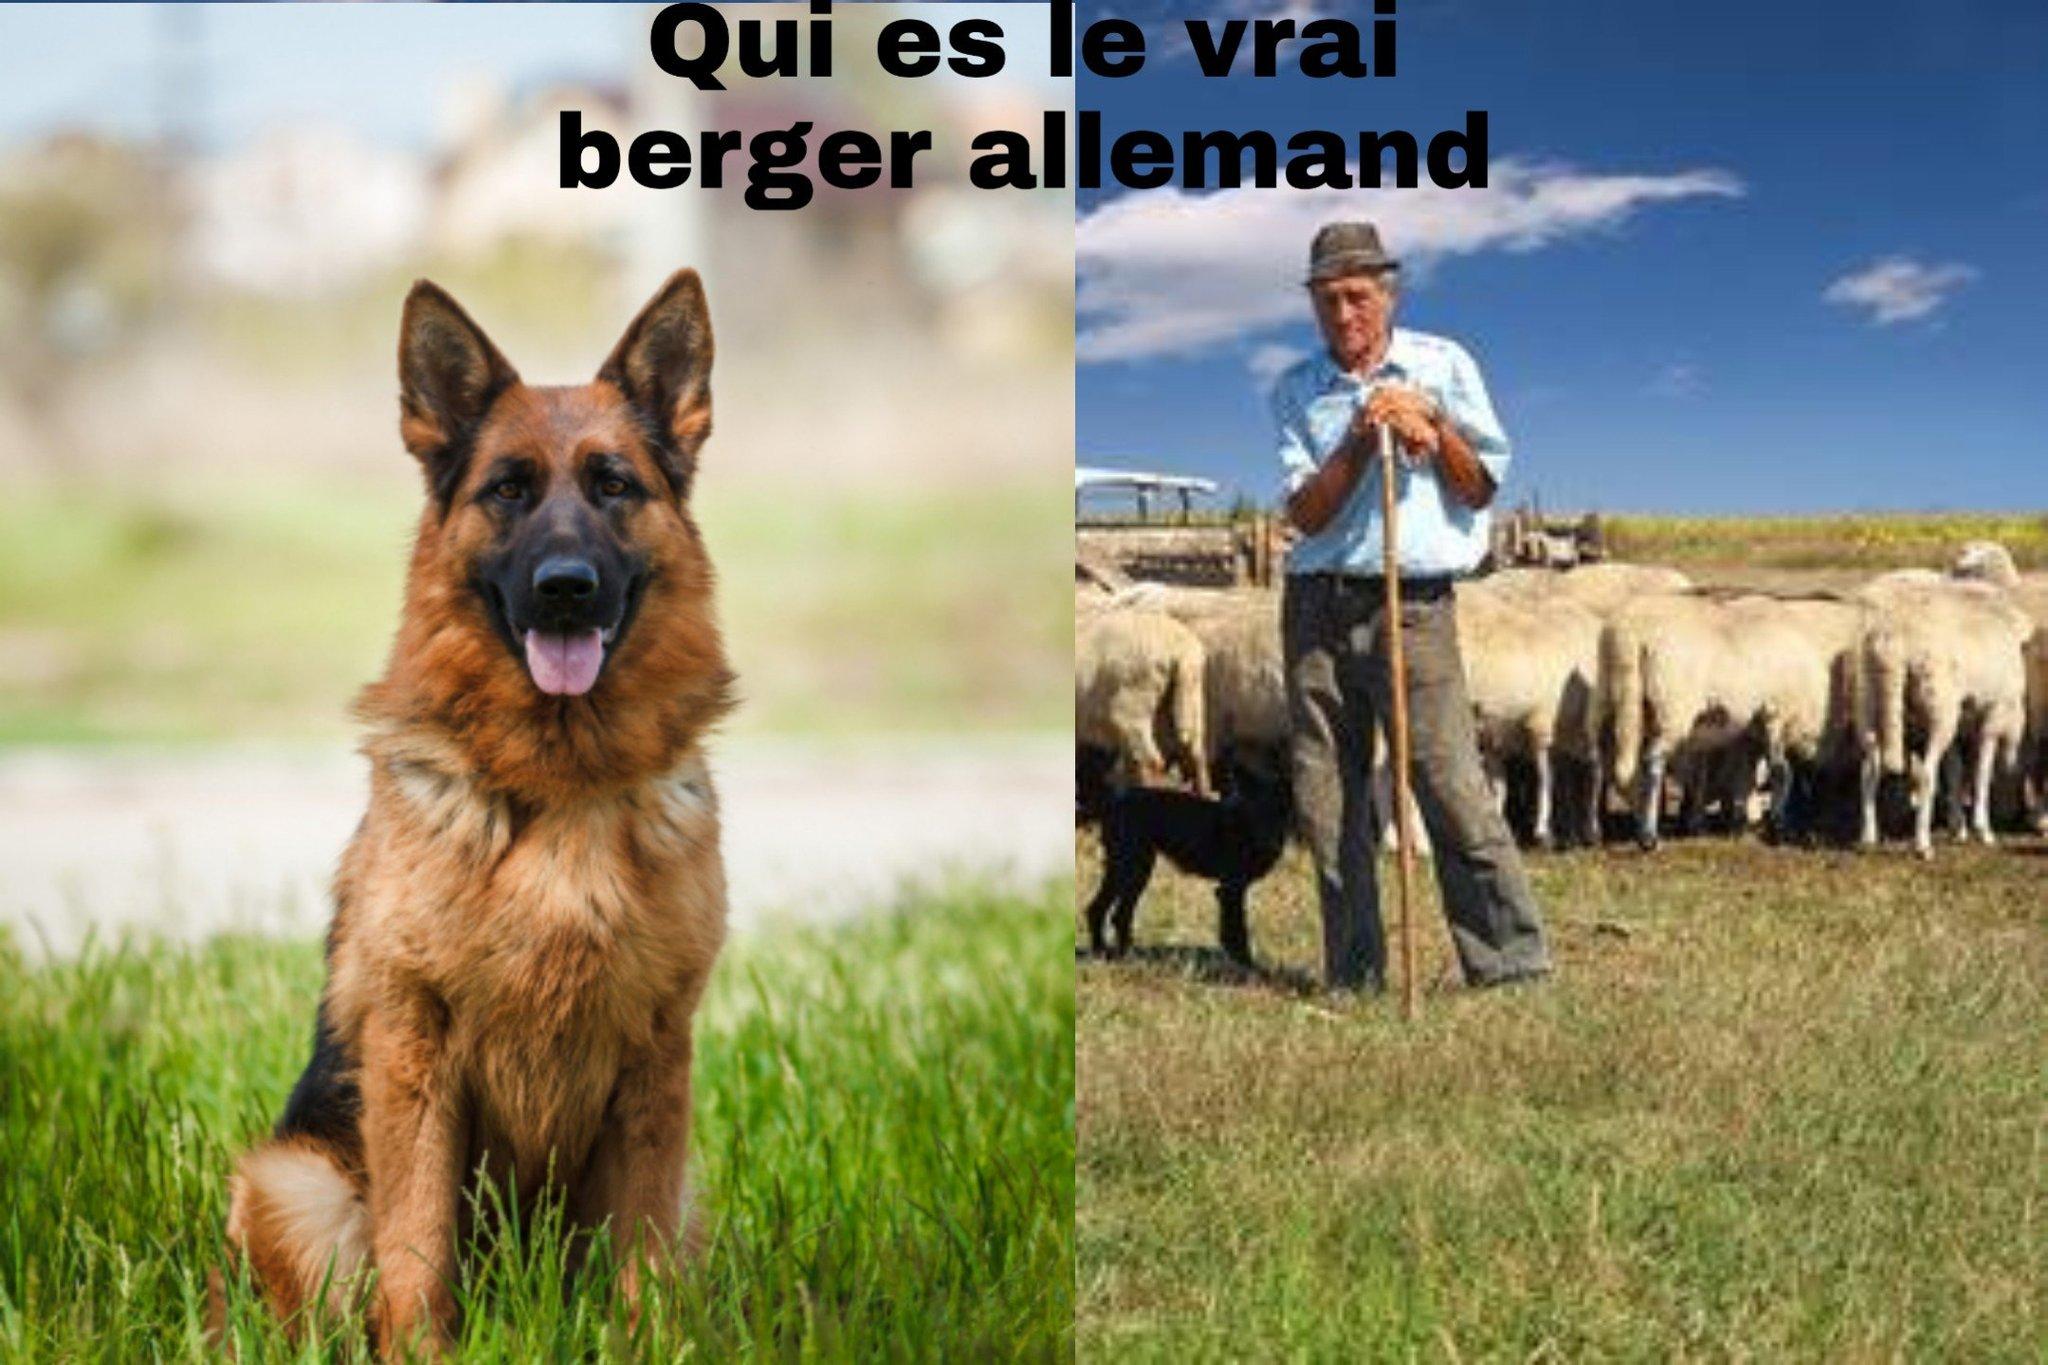 qui es le berger allemand - meme